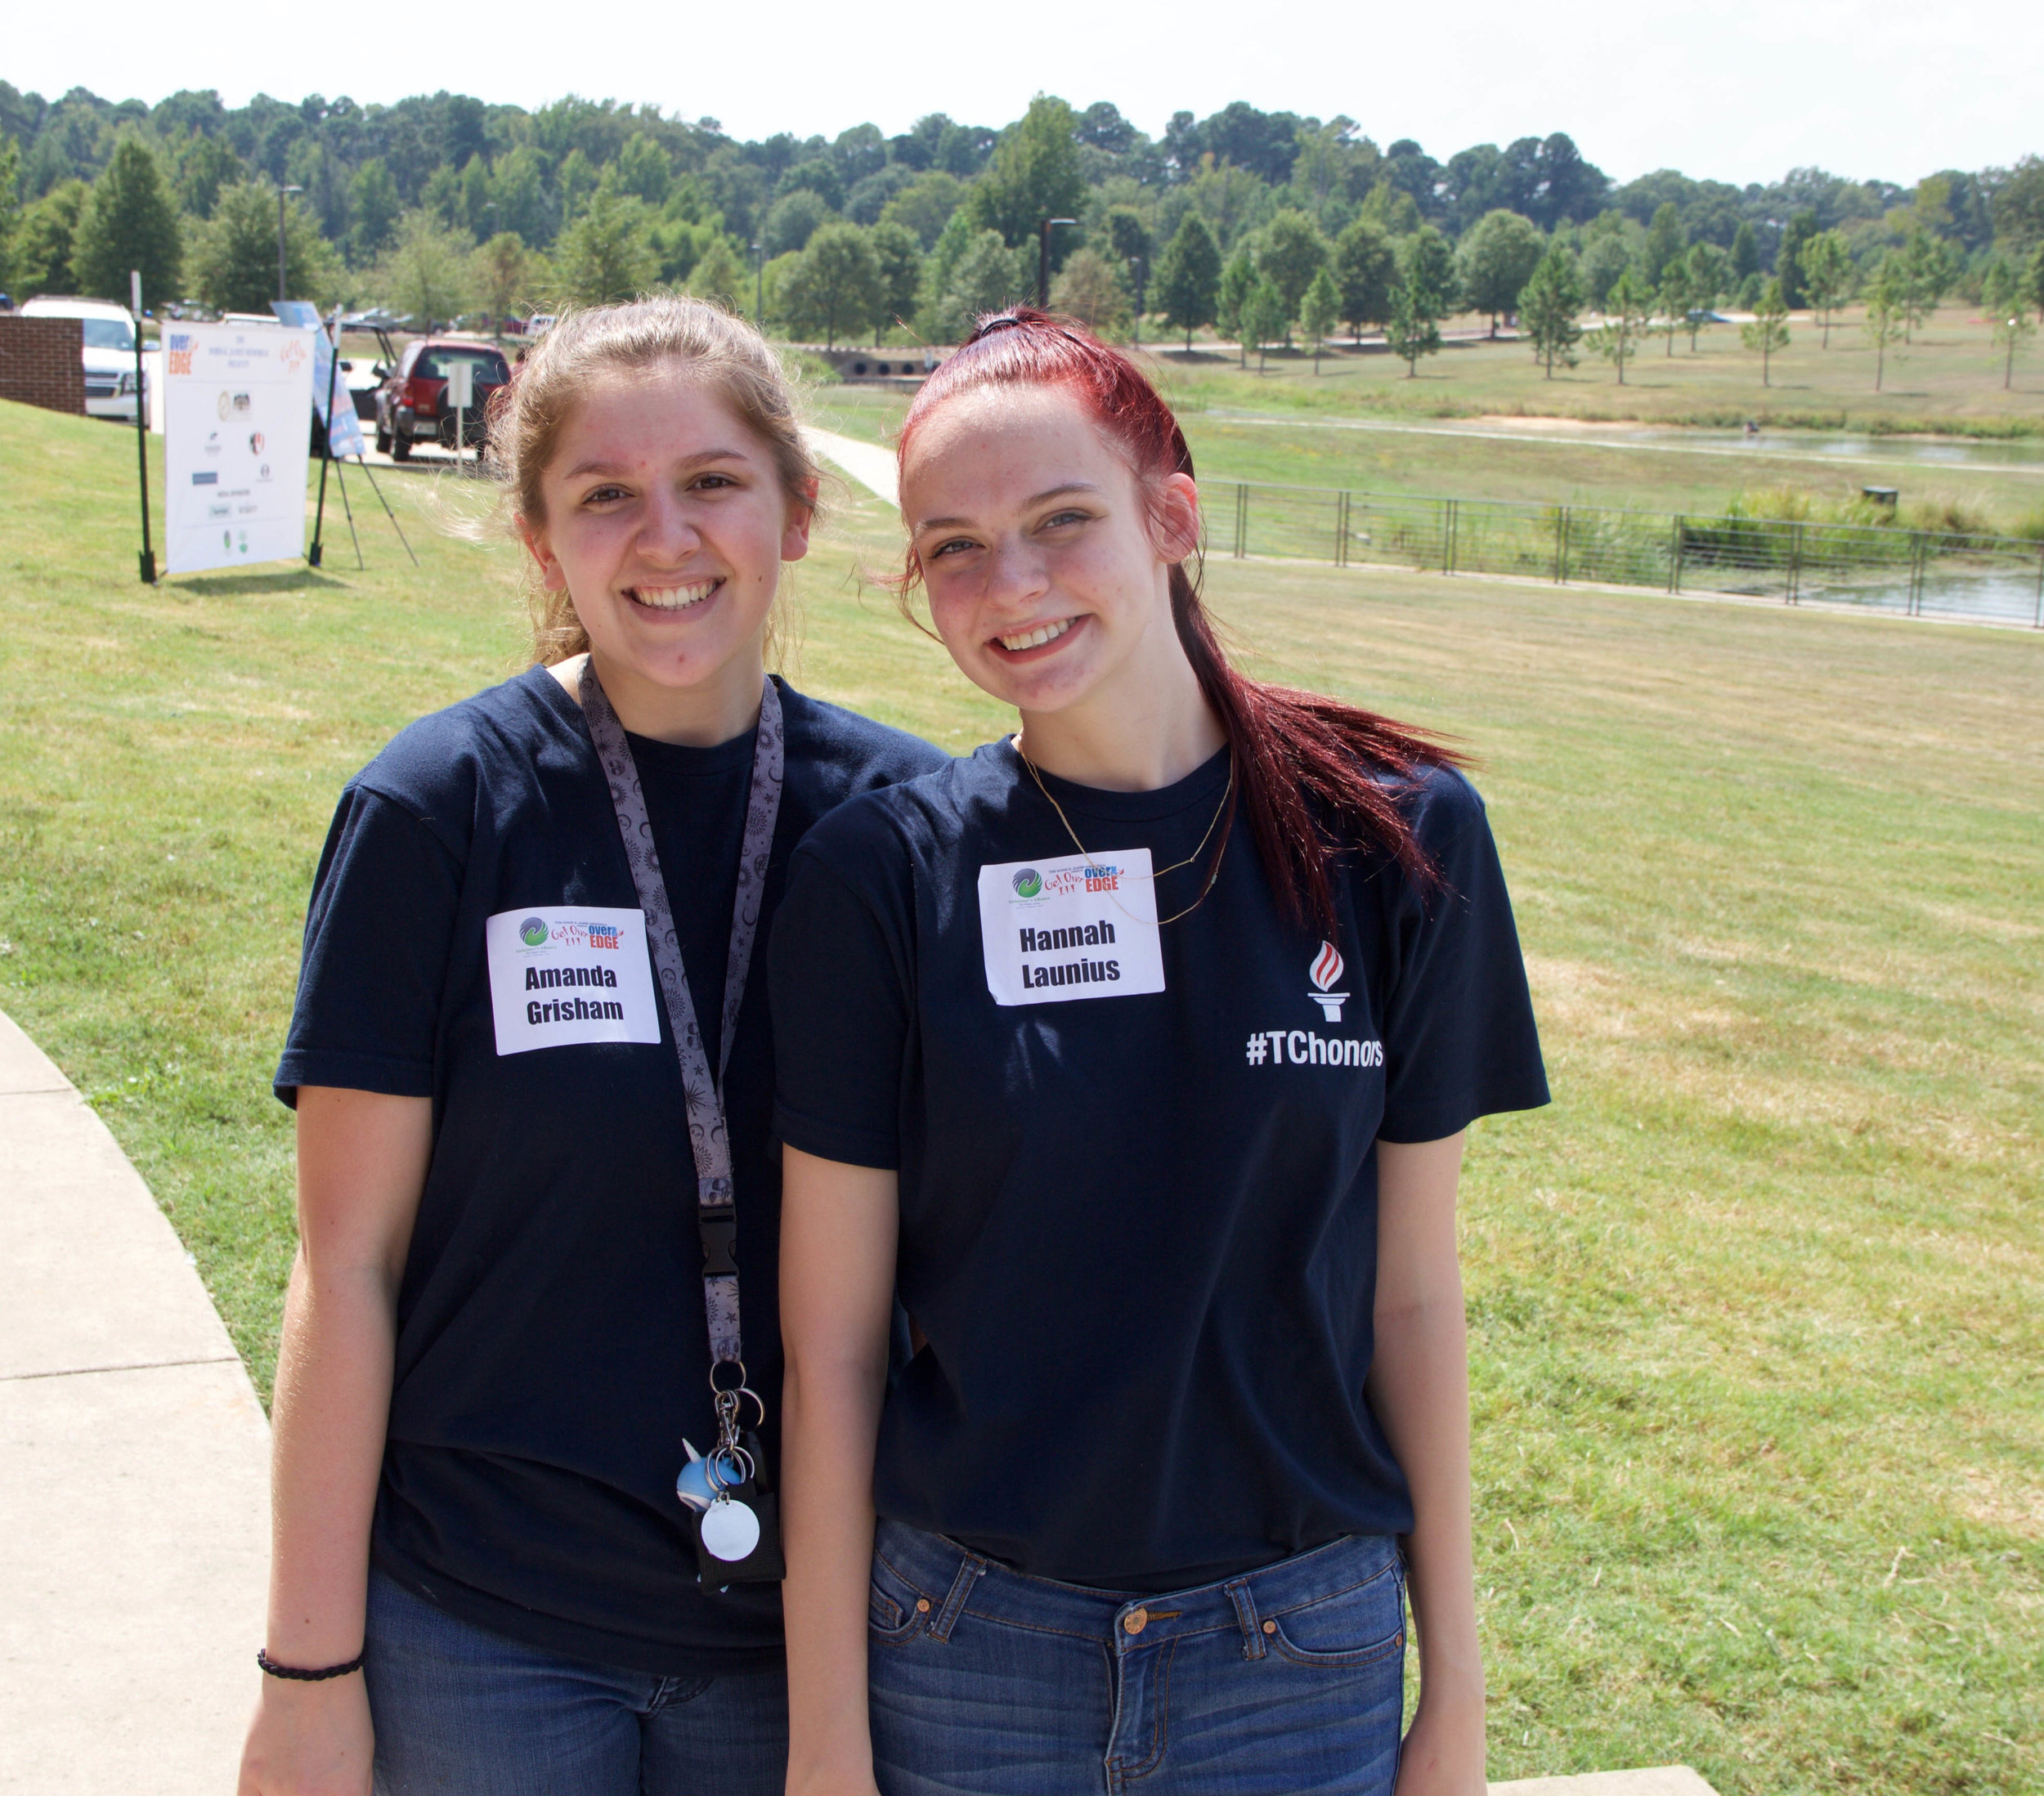 Amanda Grisham and Hannah Launius